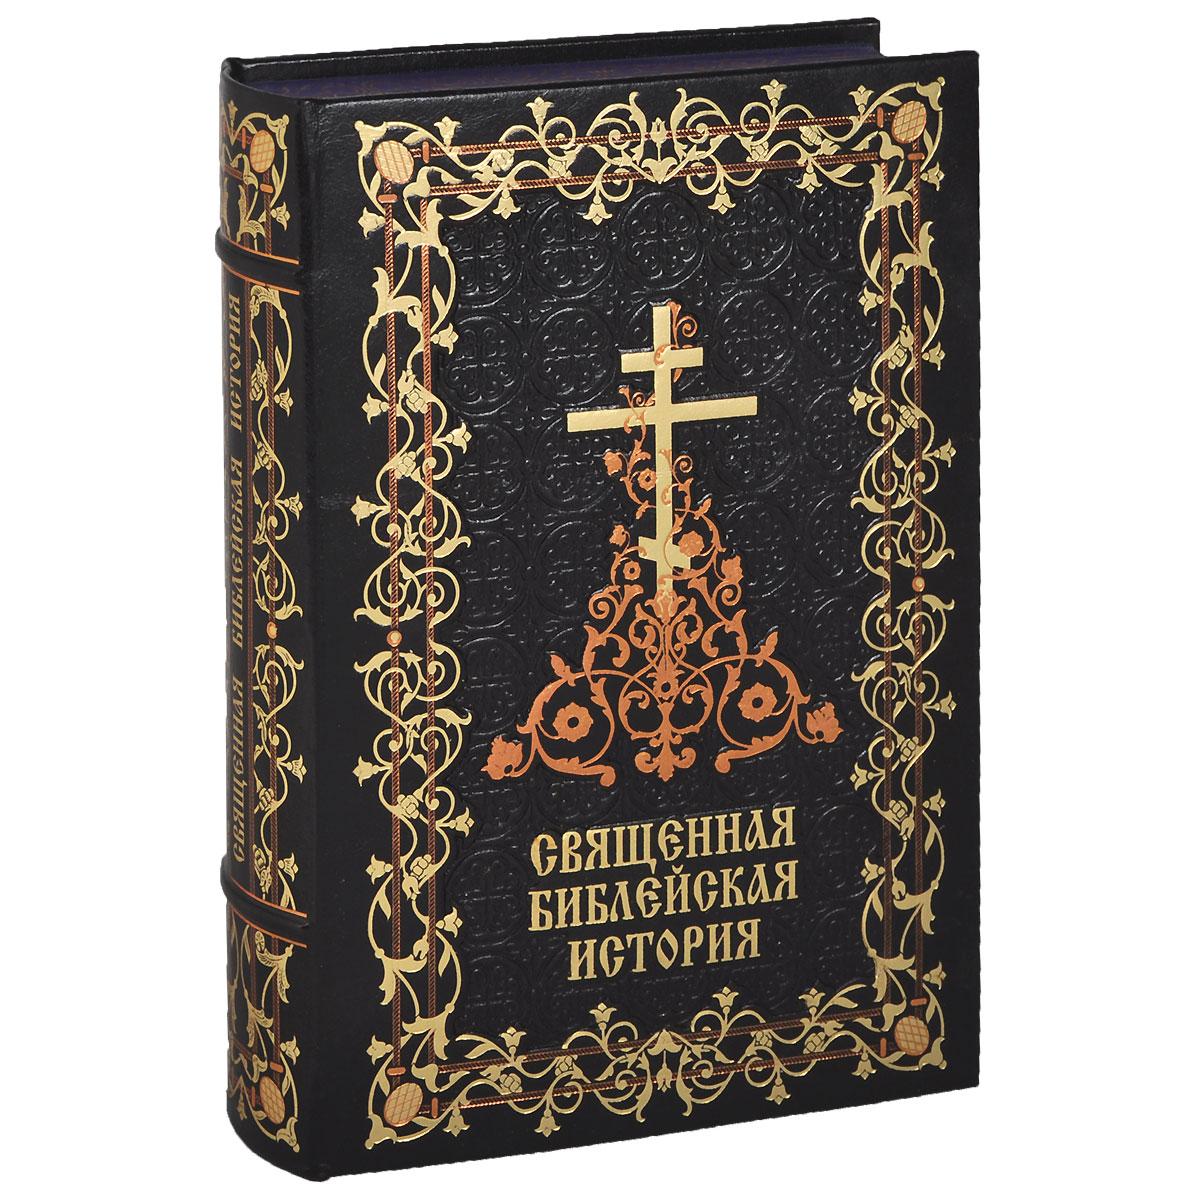 Архиепископ Вениамин (Пушкарь) Священная Библейская история (эксклюзивное подарочное издание)